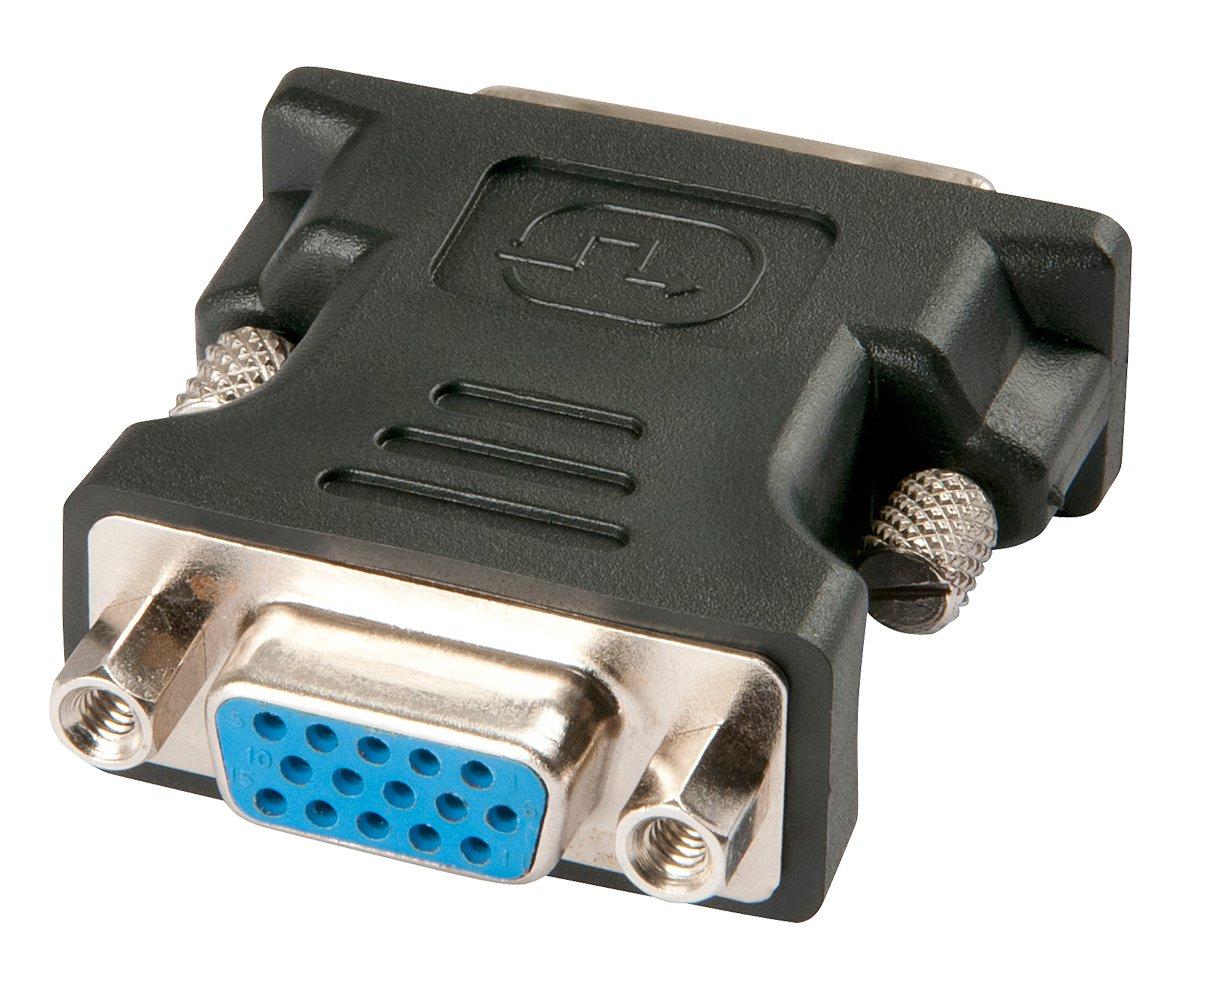 Lindy 41194 Adaptador de Cable VGA DVI-I Negro - Adaptador para Cable (VGA, DVI-I, Male Connector/Female Connector, Negro)